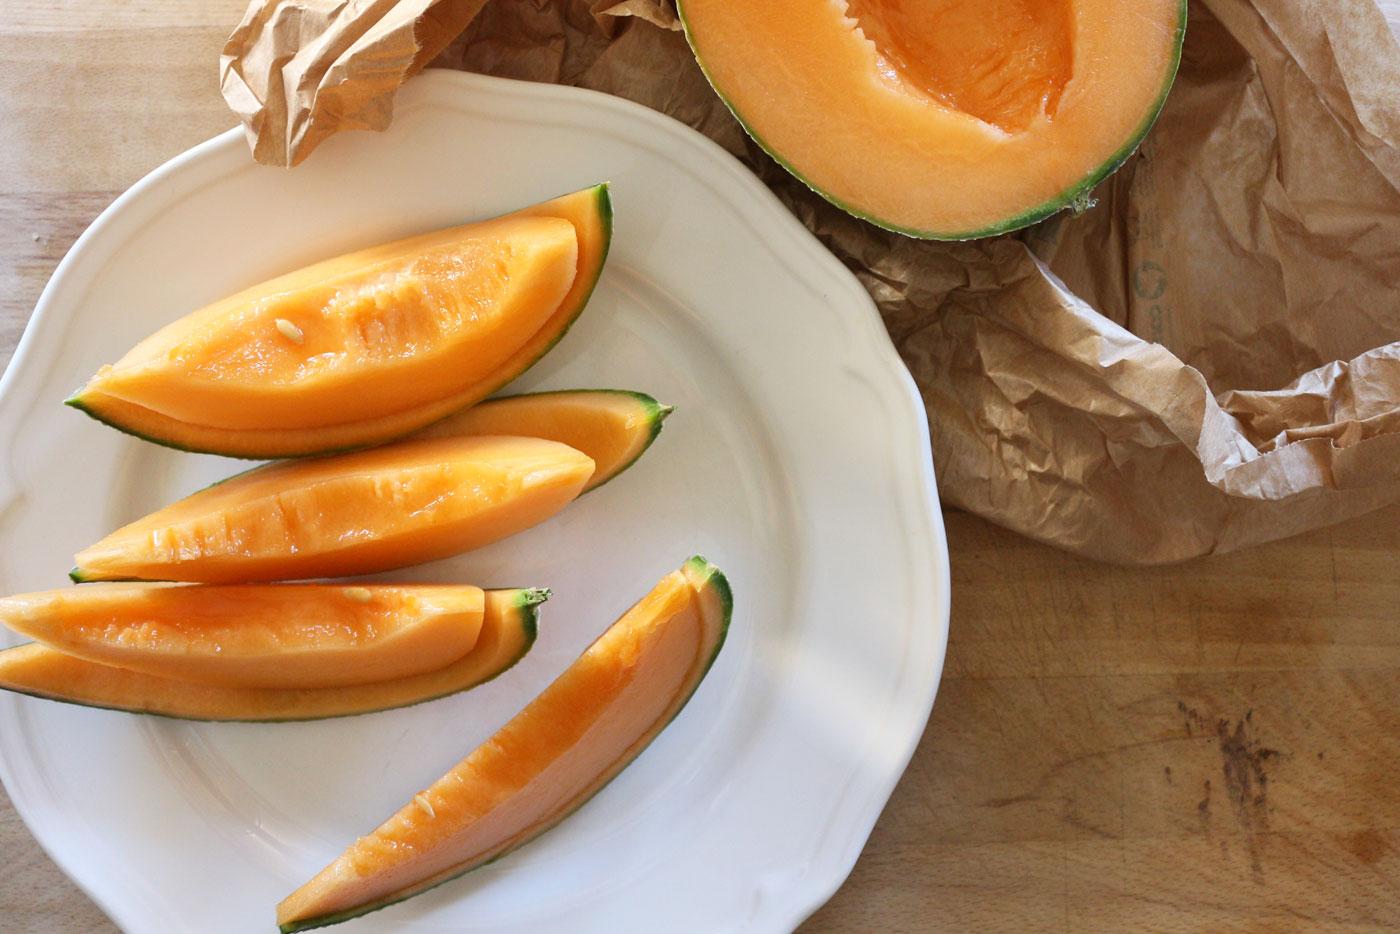 Melone-come-si-mangia